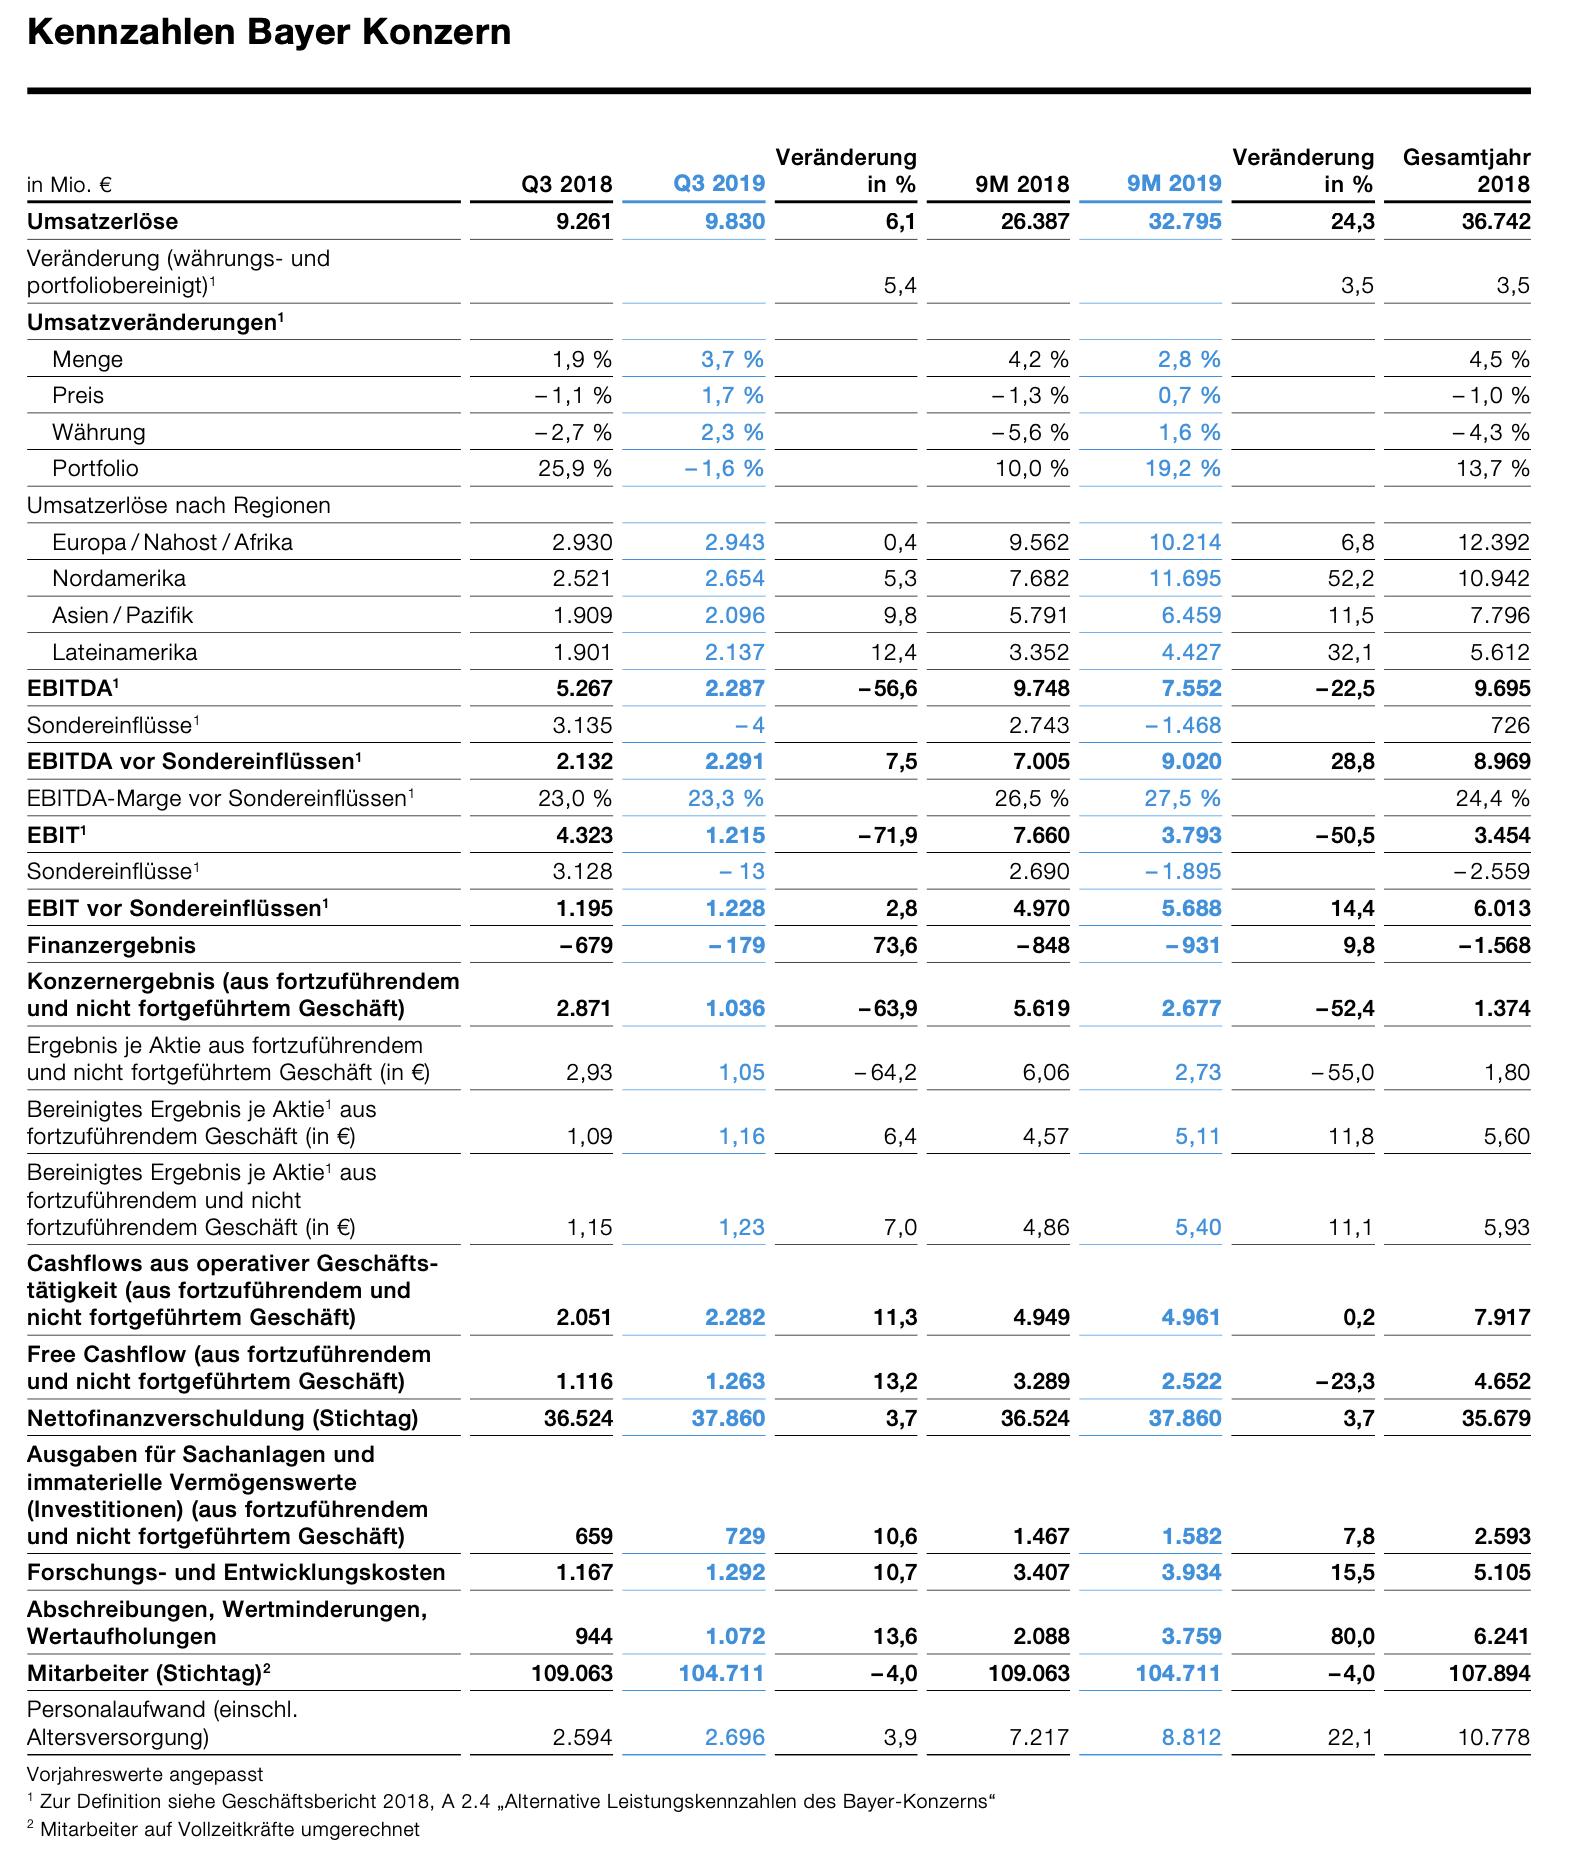 Bayer Quartalszahlen im Detail